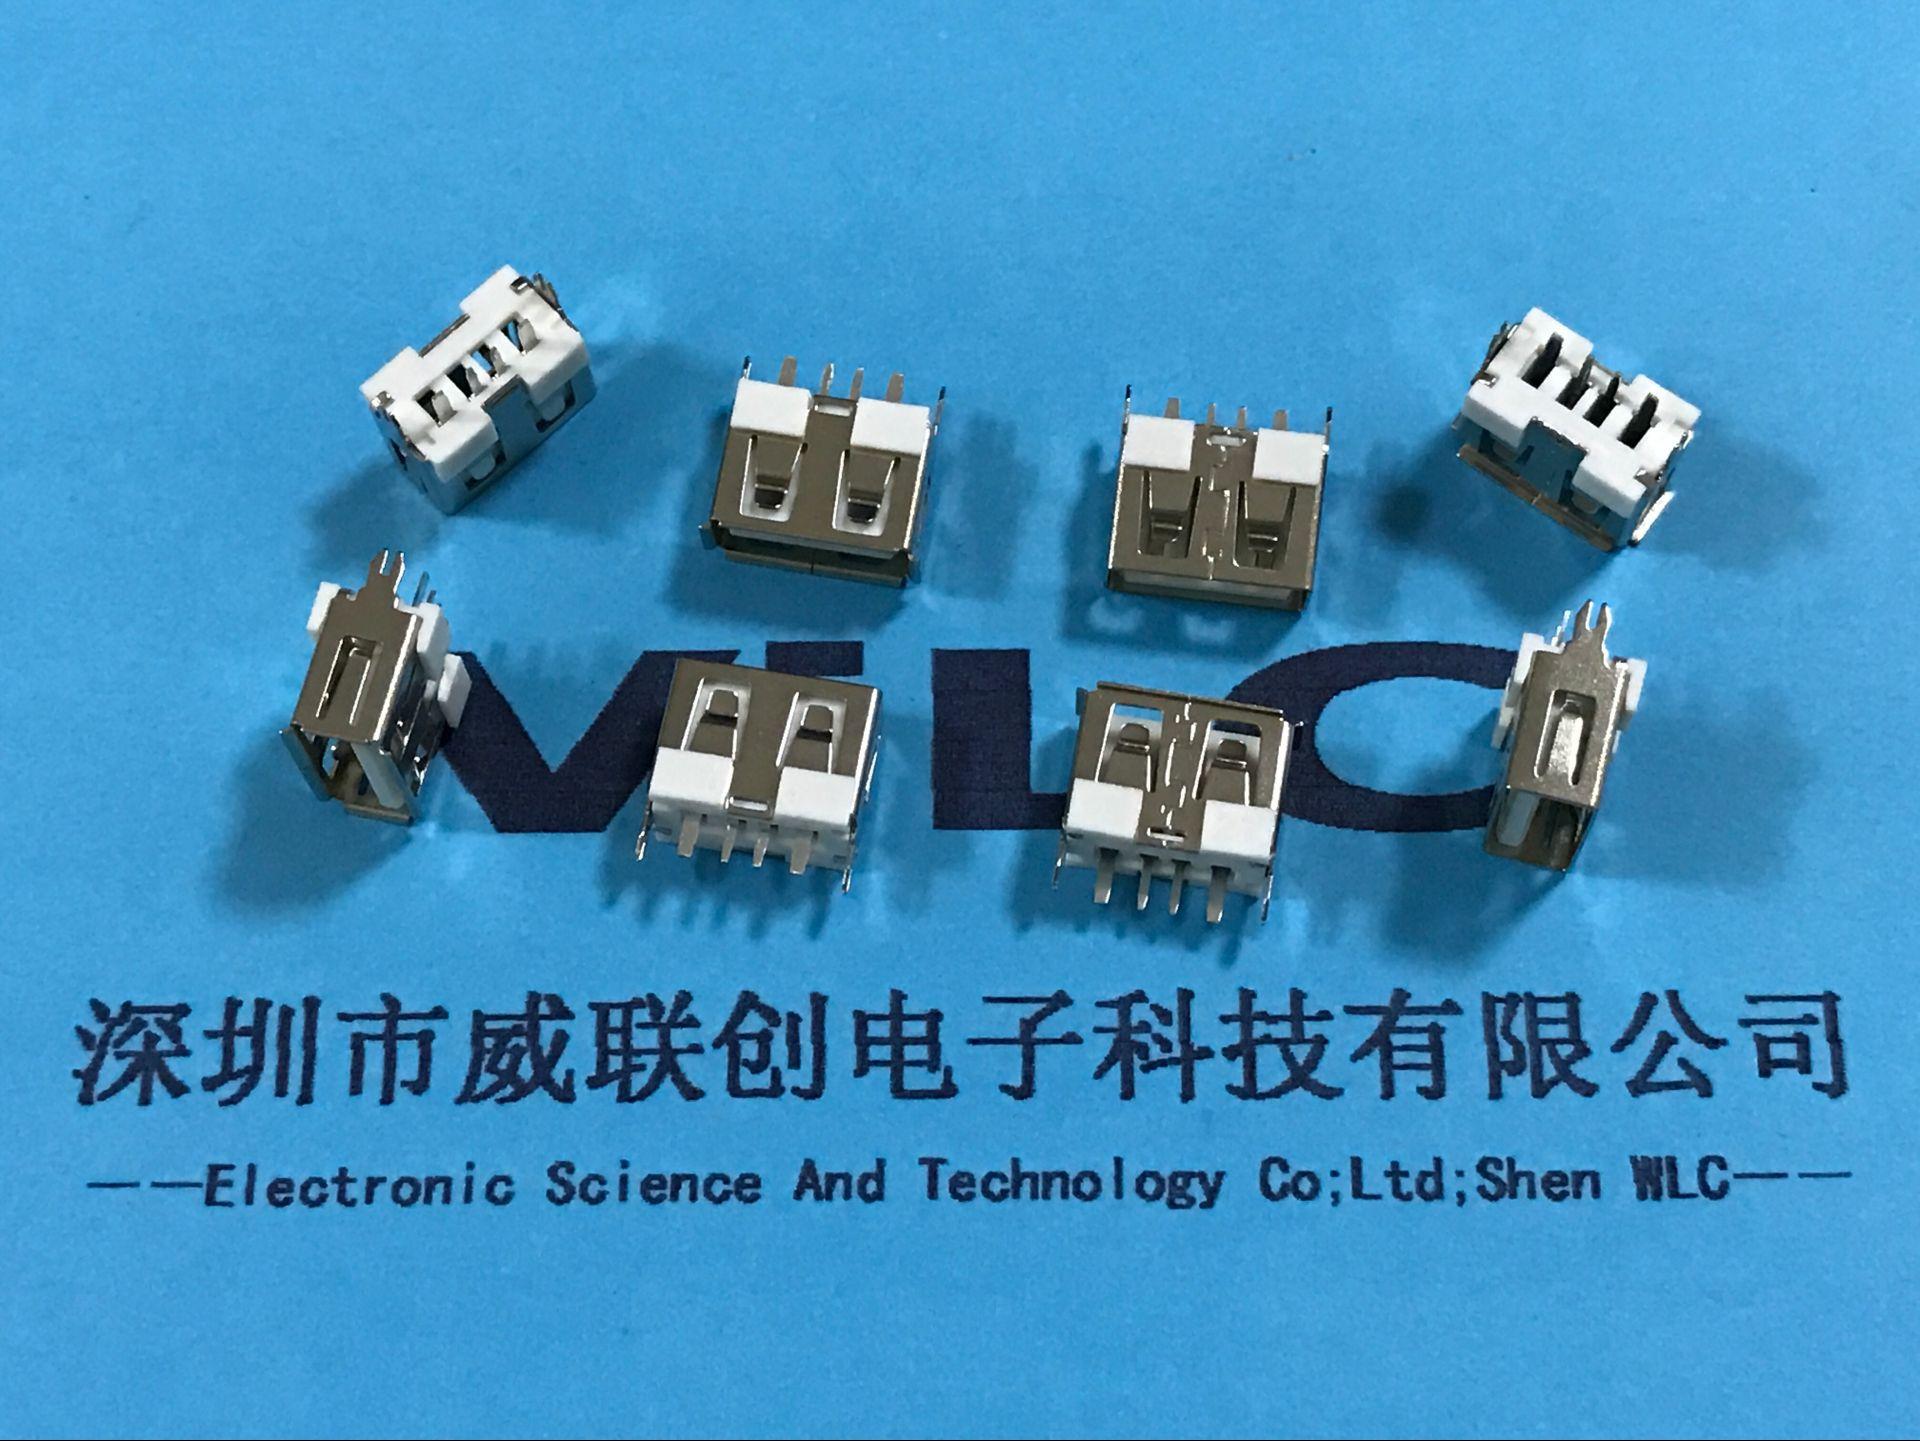 大电流沉板USB10.0短体母座(沉板1.9mm)直边米黄胶示例图3